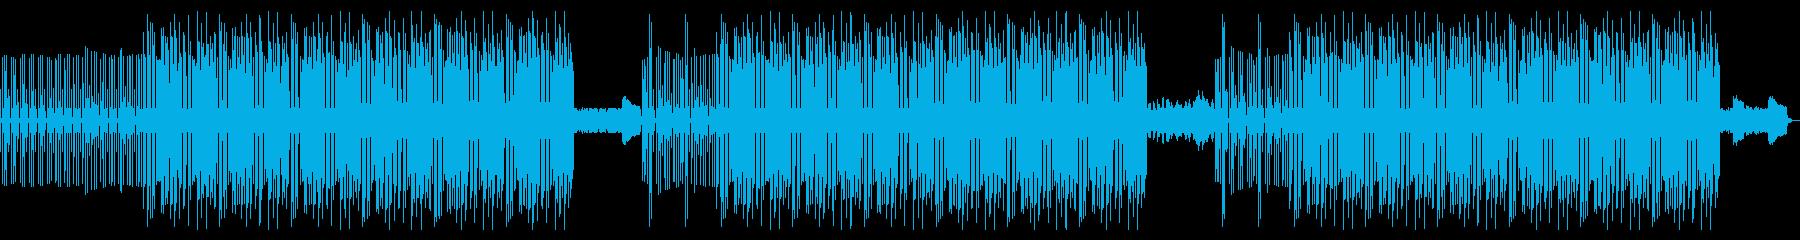 80年代のダンスハウスのディープハ...の再生済みの波形